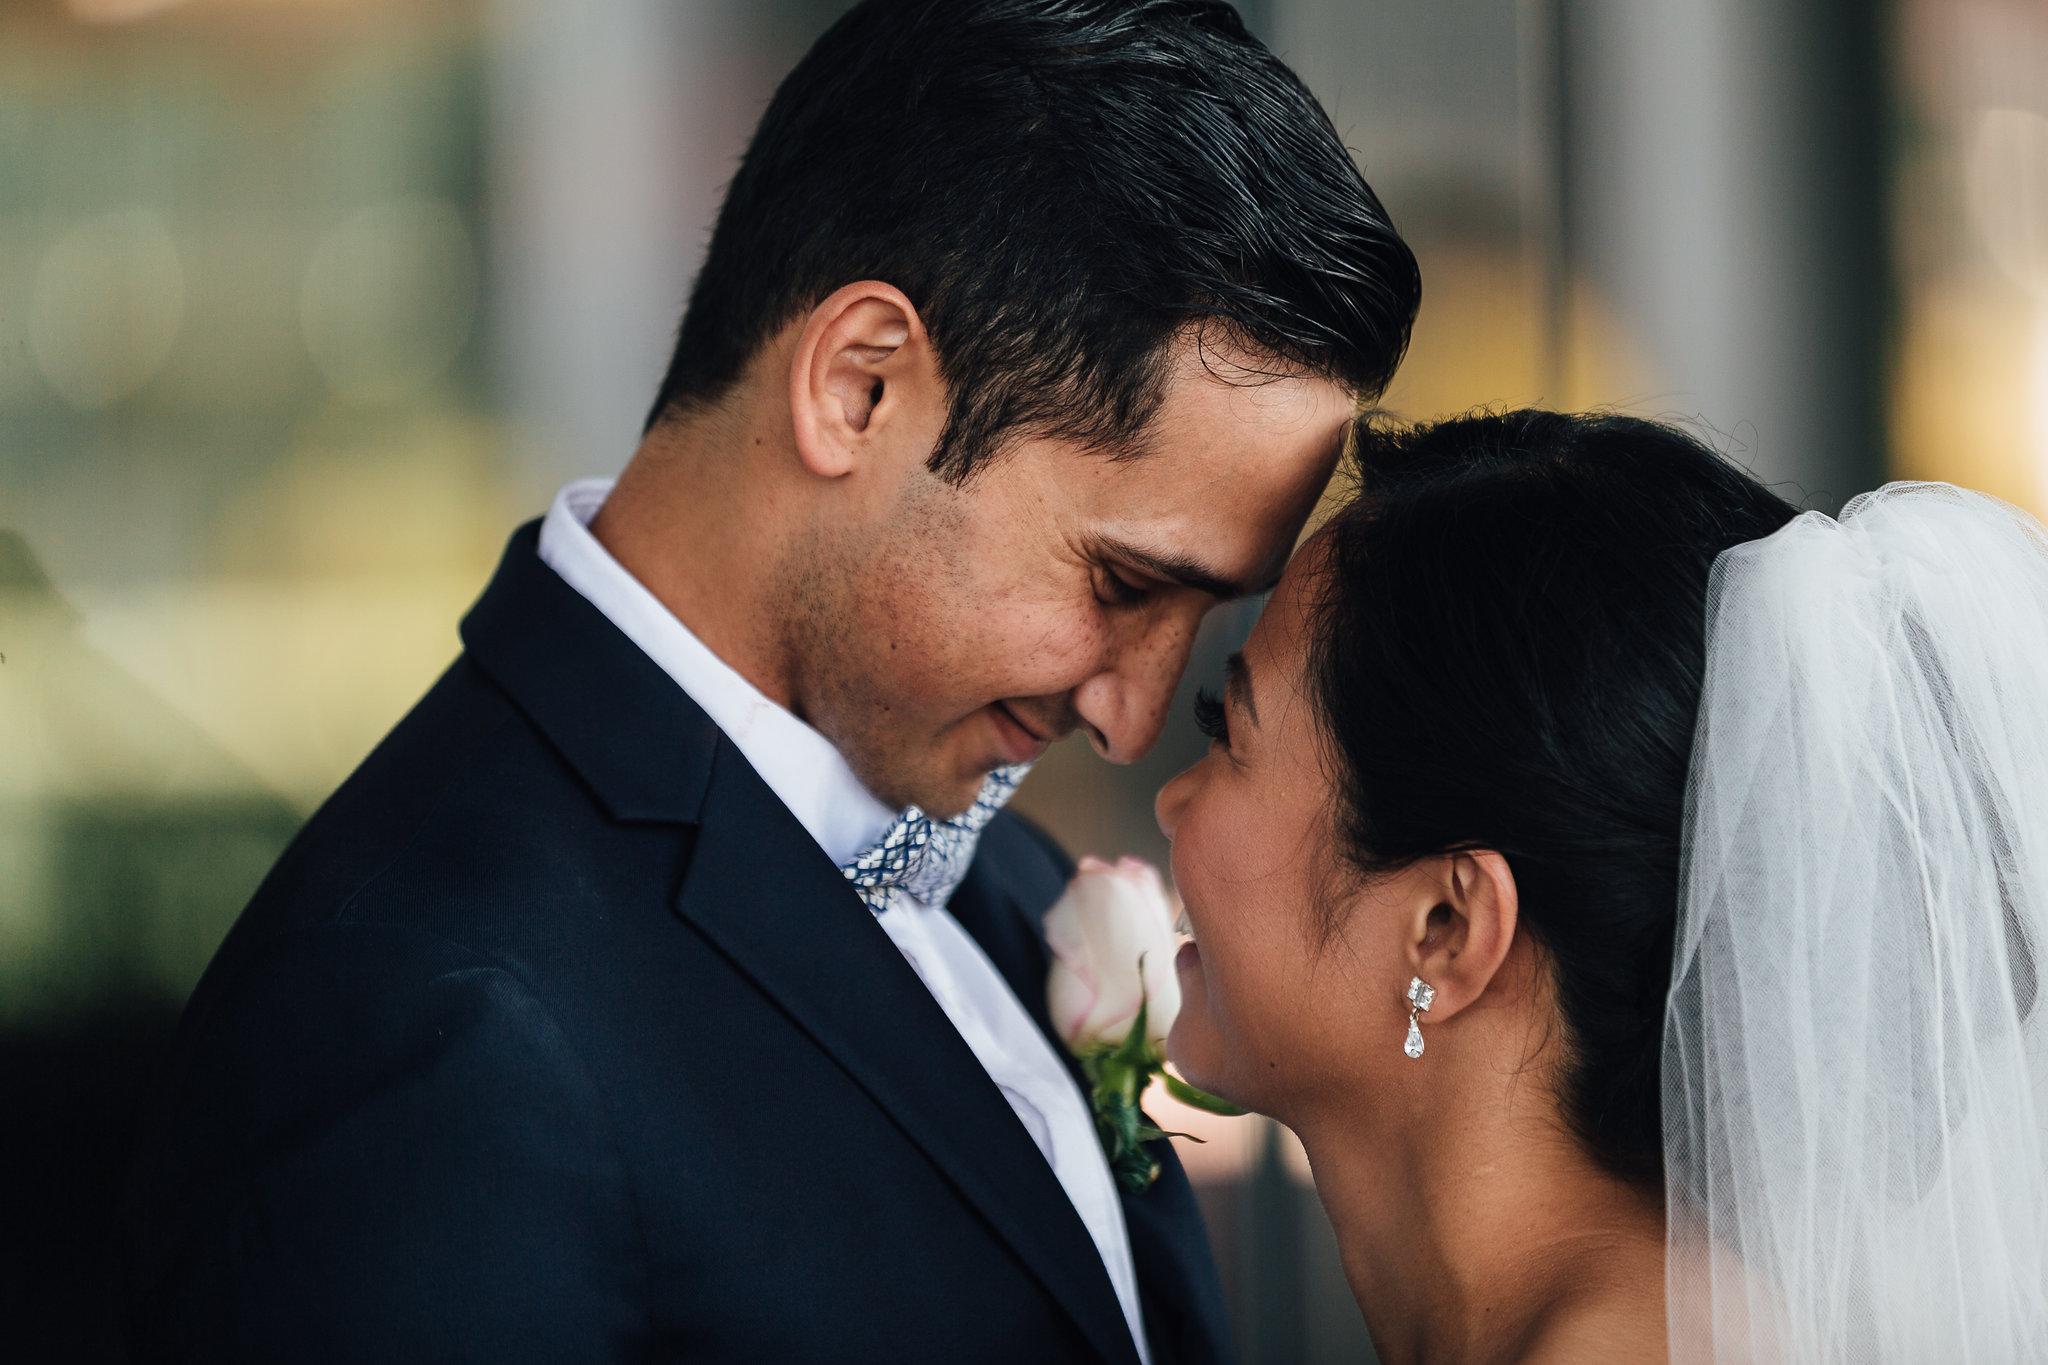 laura-ethan-wedding-portrait-session-121.jpg